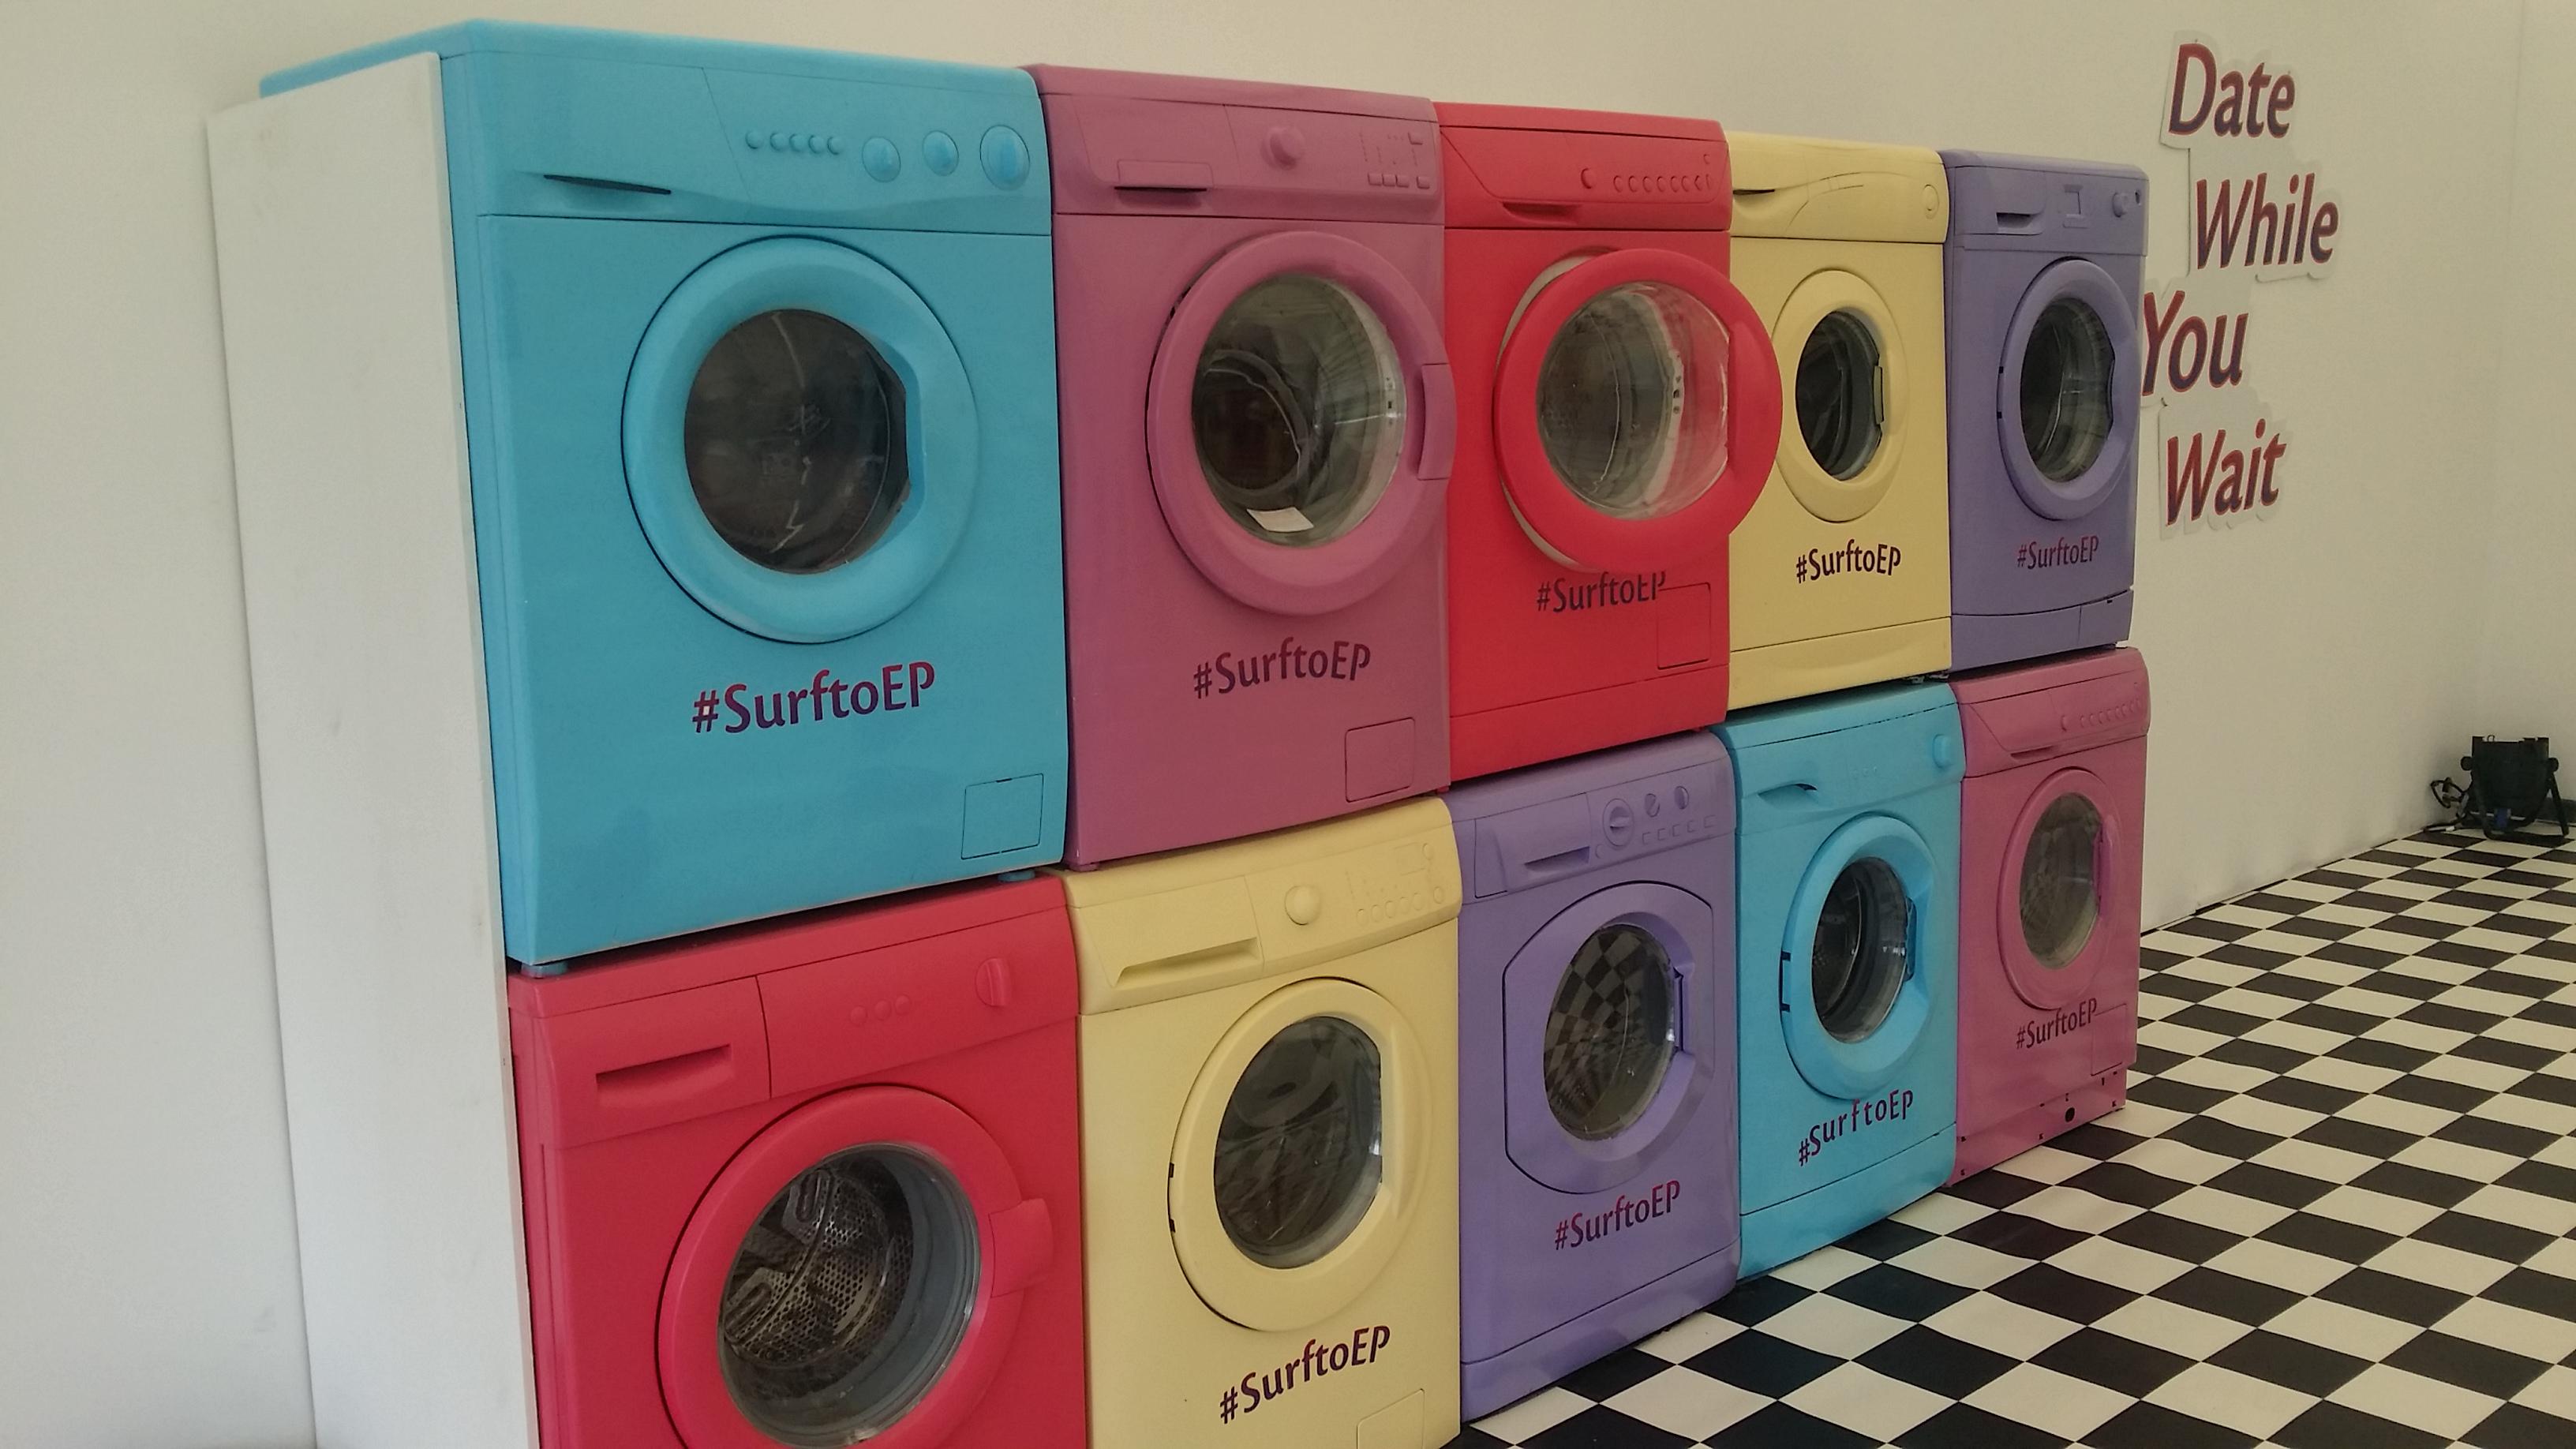 Reused Washing Machines